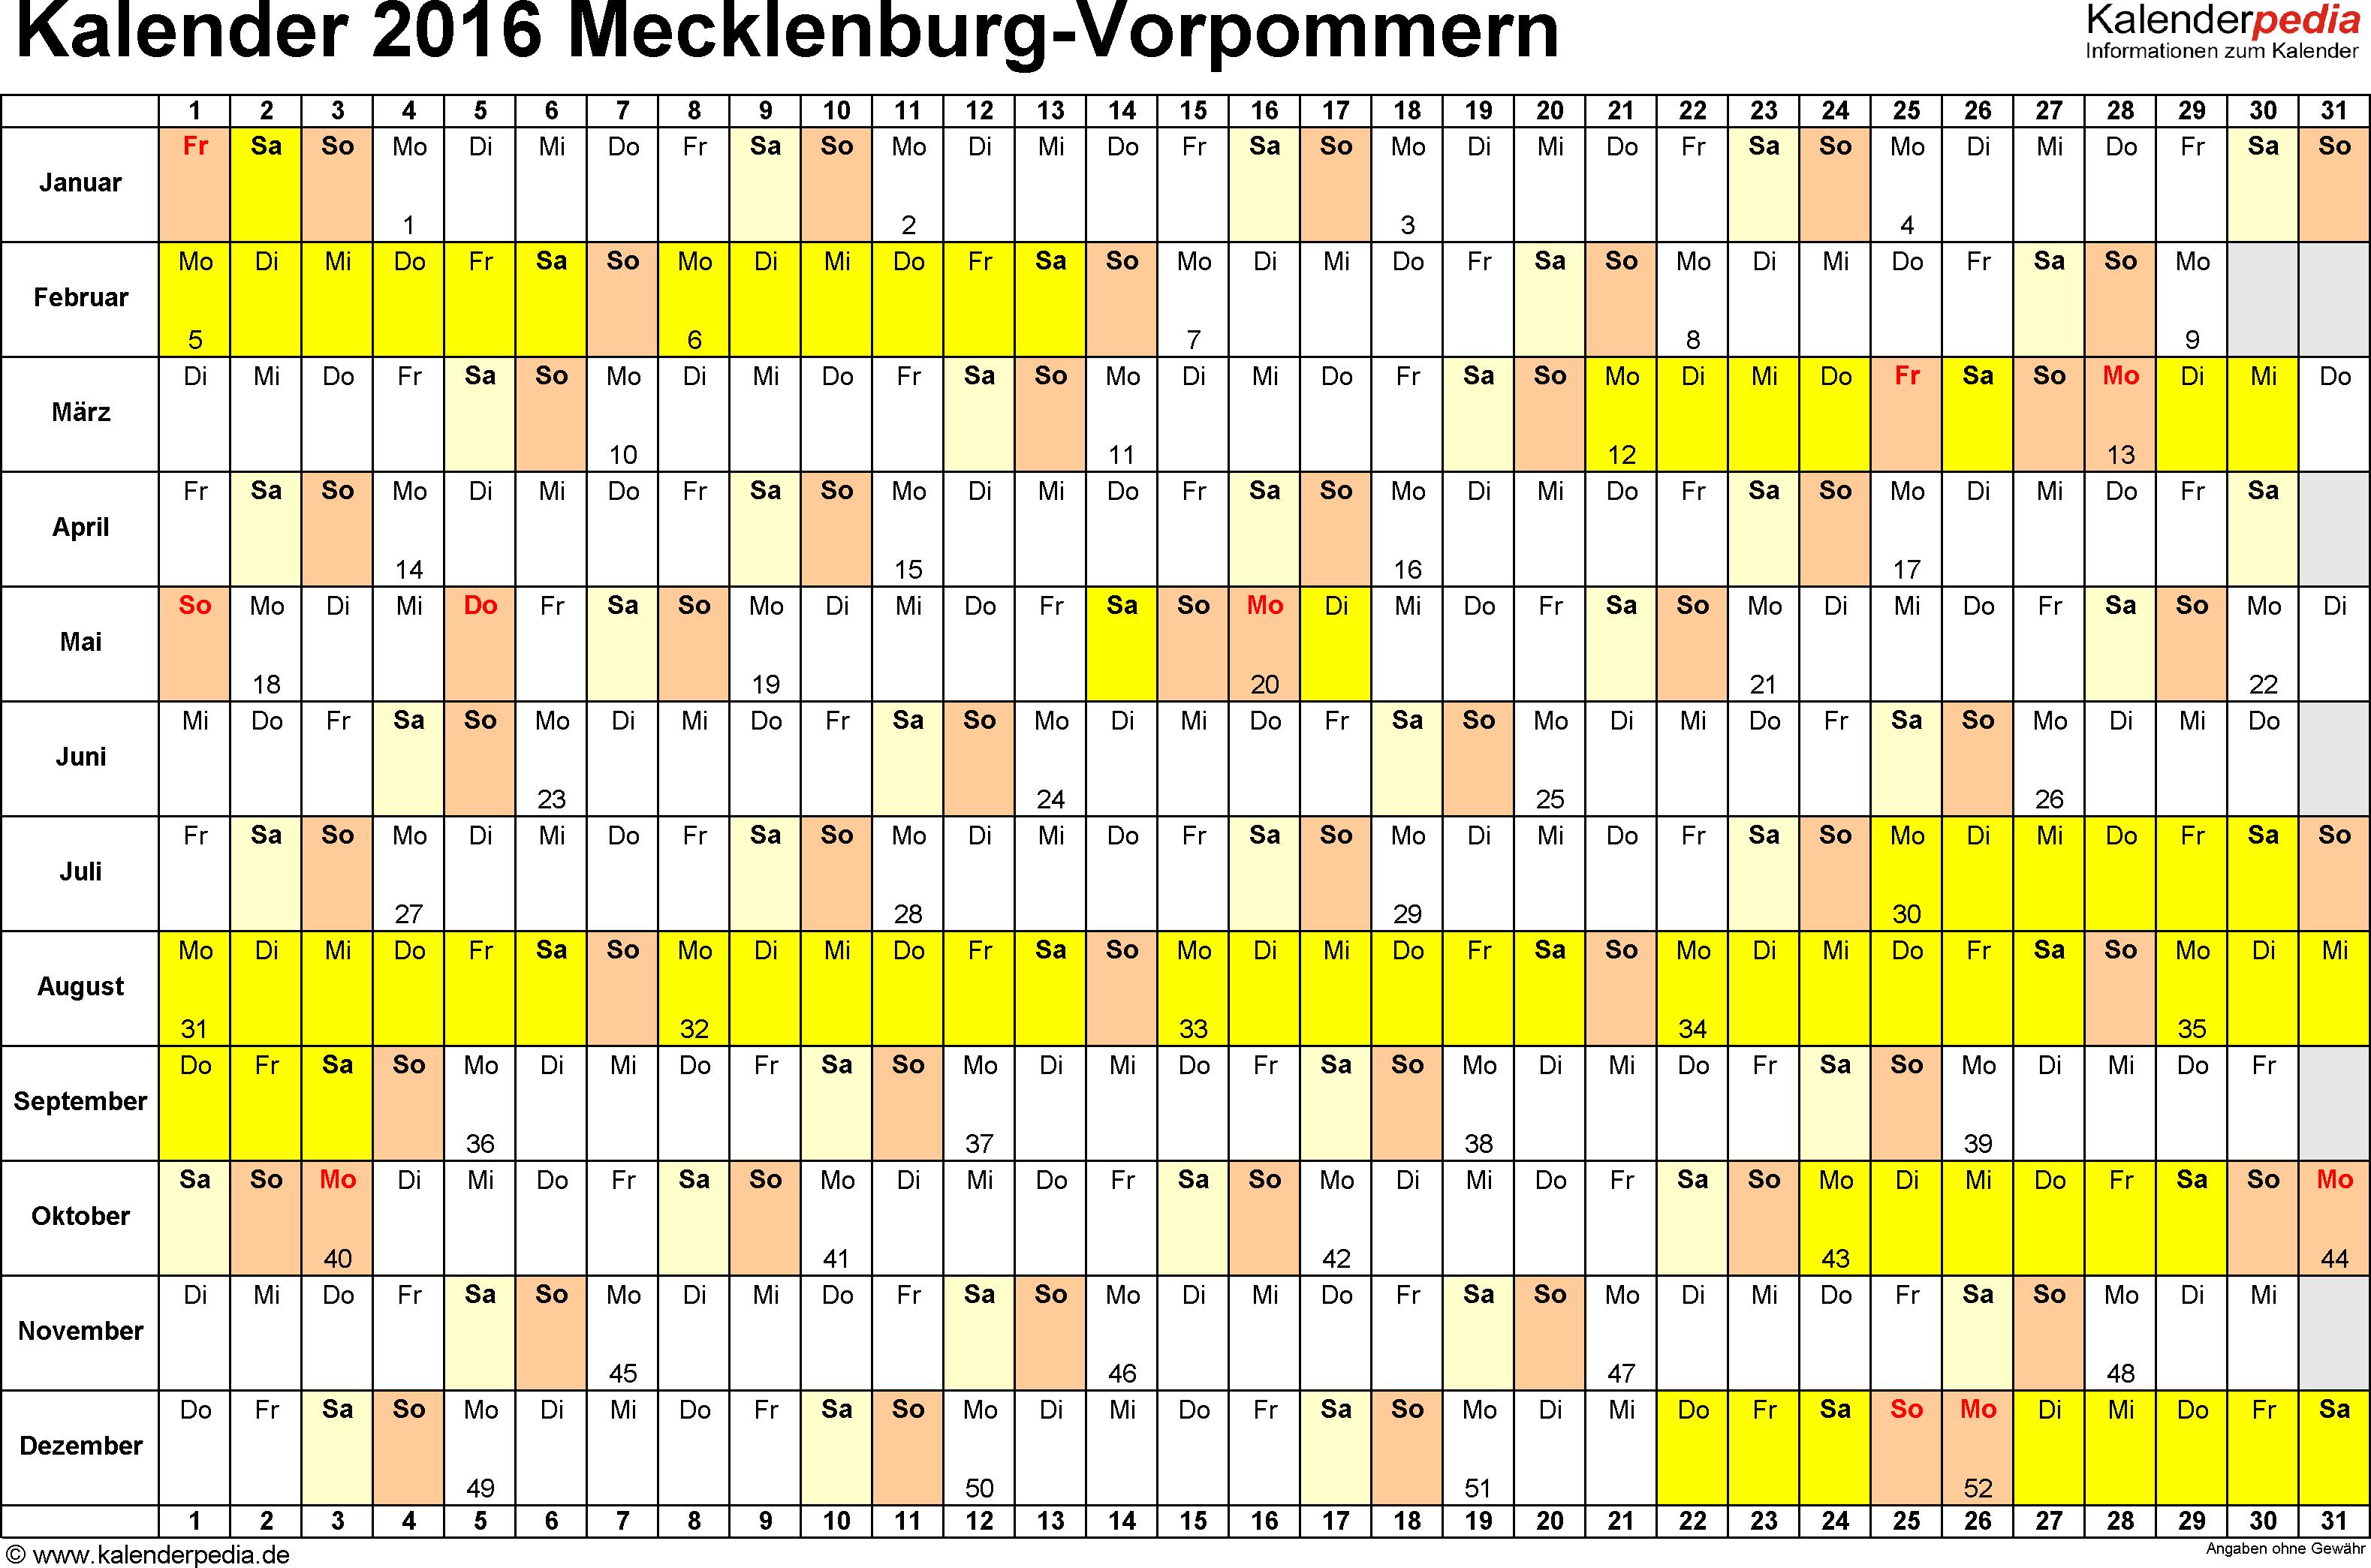 Vorlage 3: Kalender Mecklenburg-Vorpommern 2016 im Querformat, Tage nebeneinander